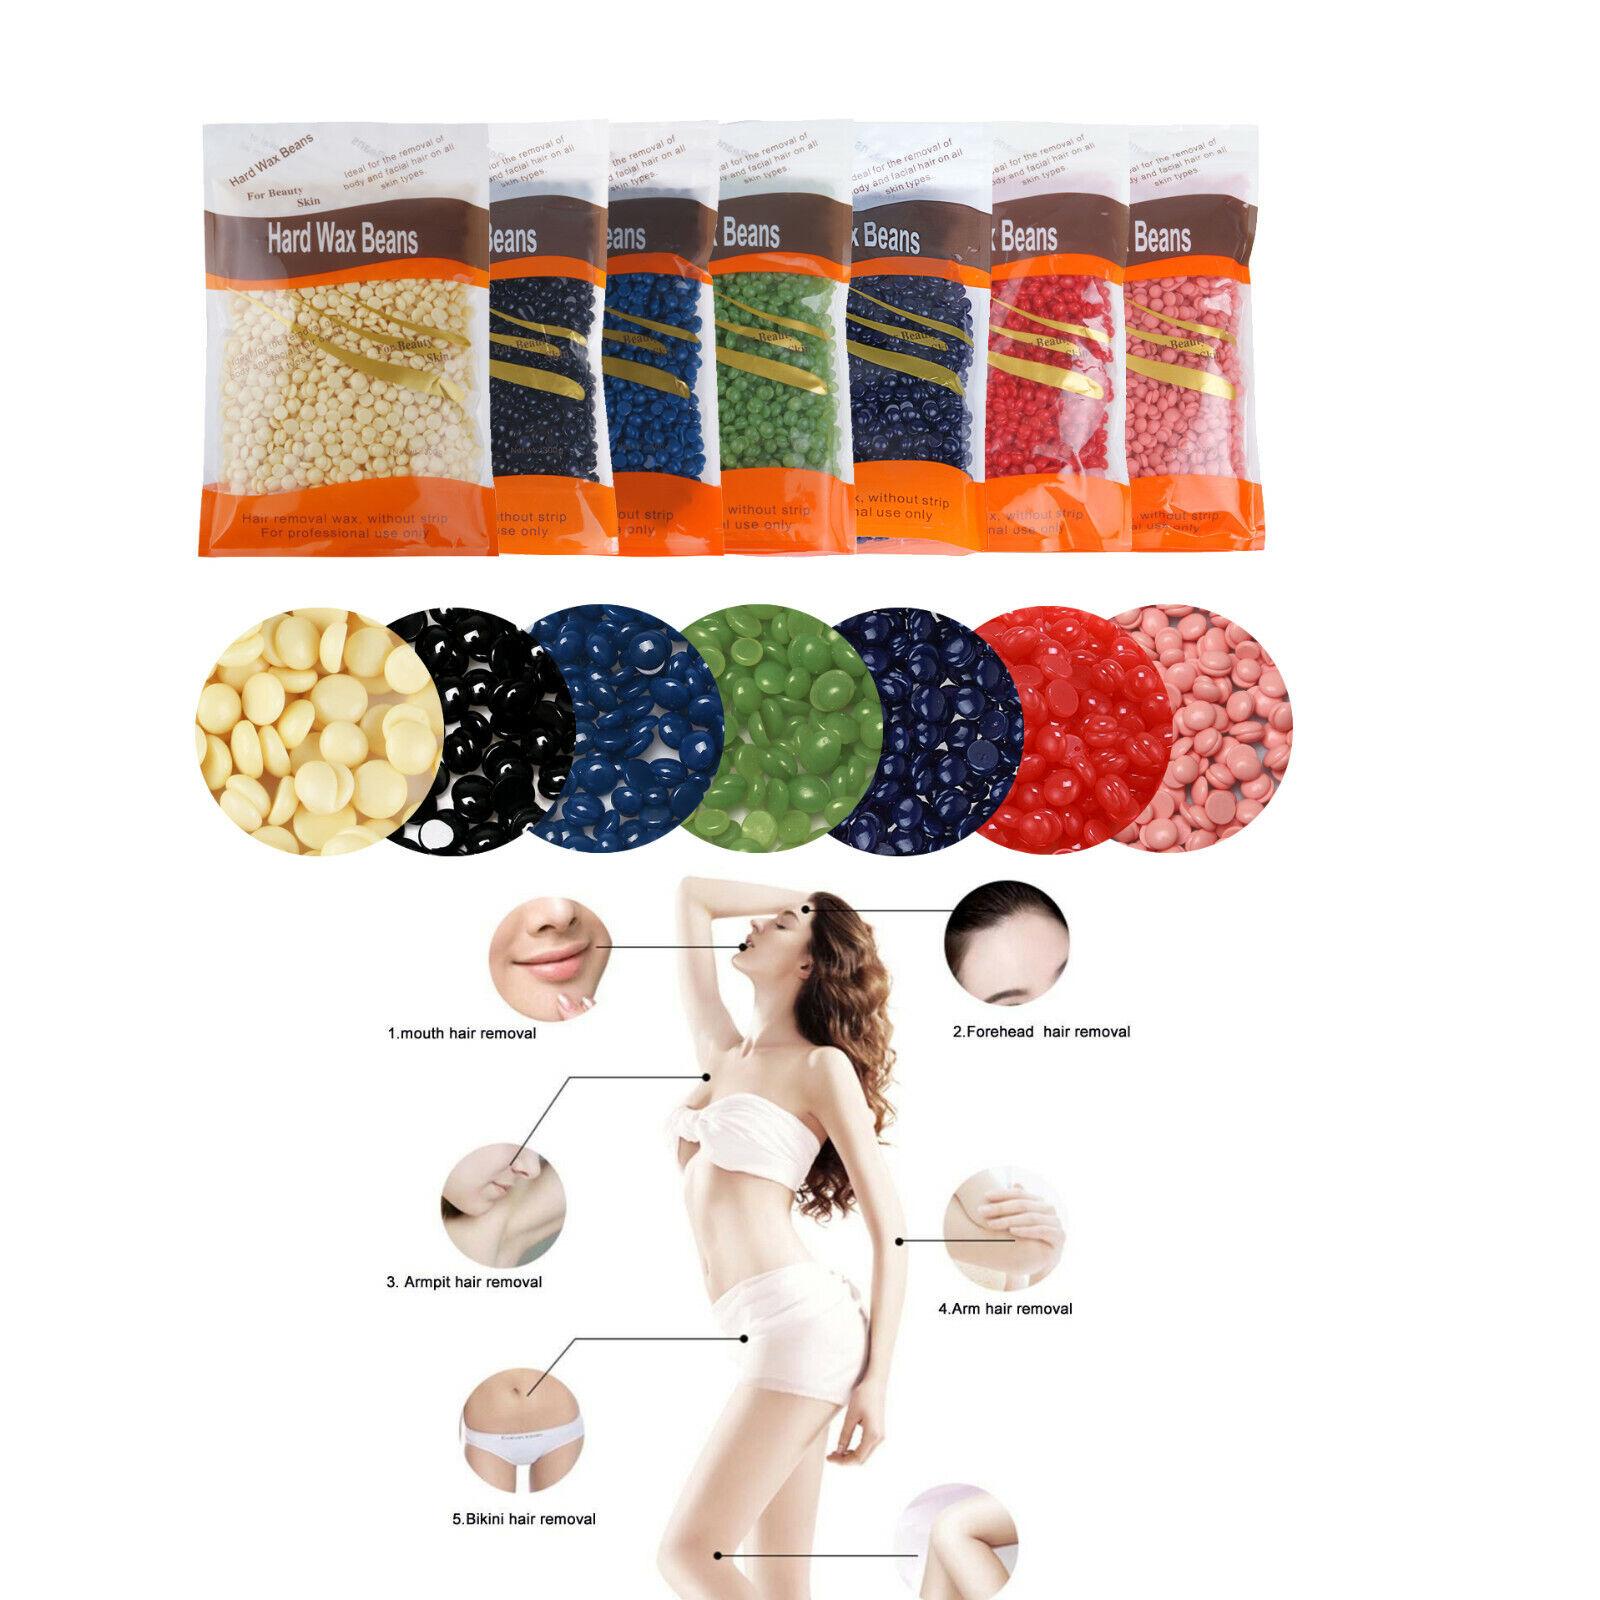 300g Hard Wax Beans Pellet Waxing Körper Haarentfernung Wachs Bohnen Heißwachs